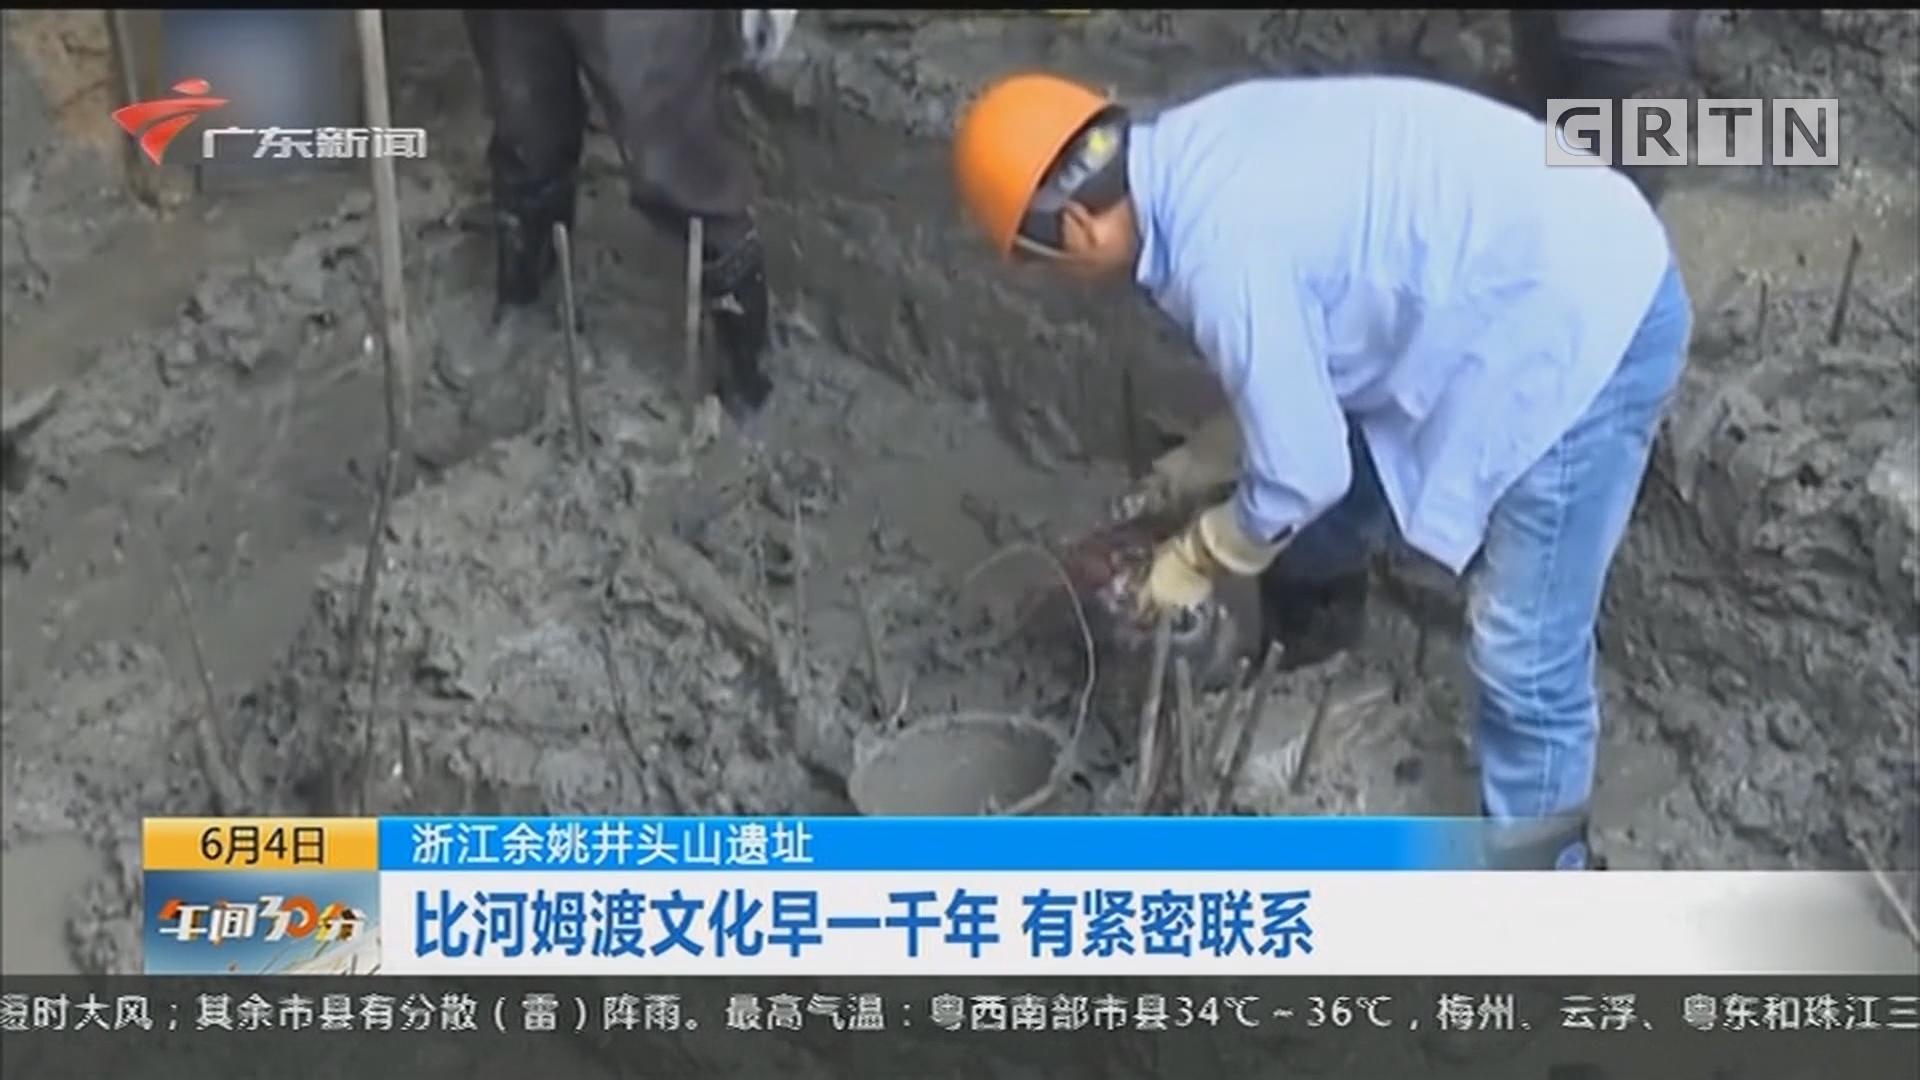 浙江余杭并头山遗址:考古发掘取得突破性收获 一座并头山跨越八千年